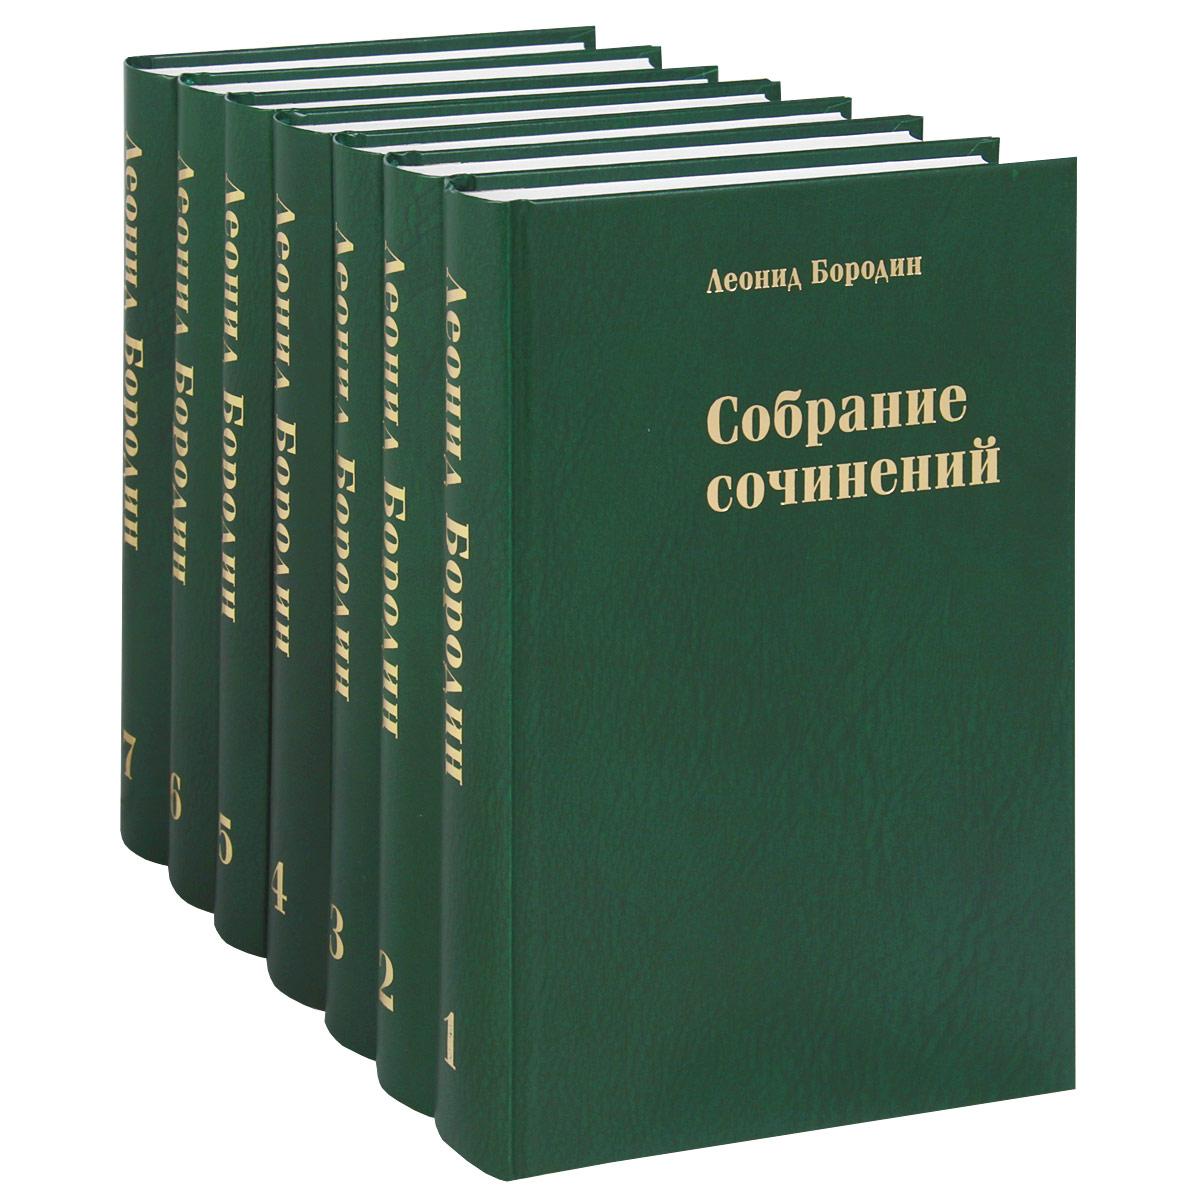 Леонид Бородин. Собрание сочинений в 7 томах (комплект)